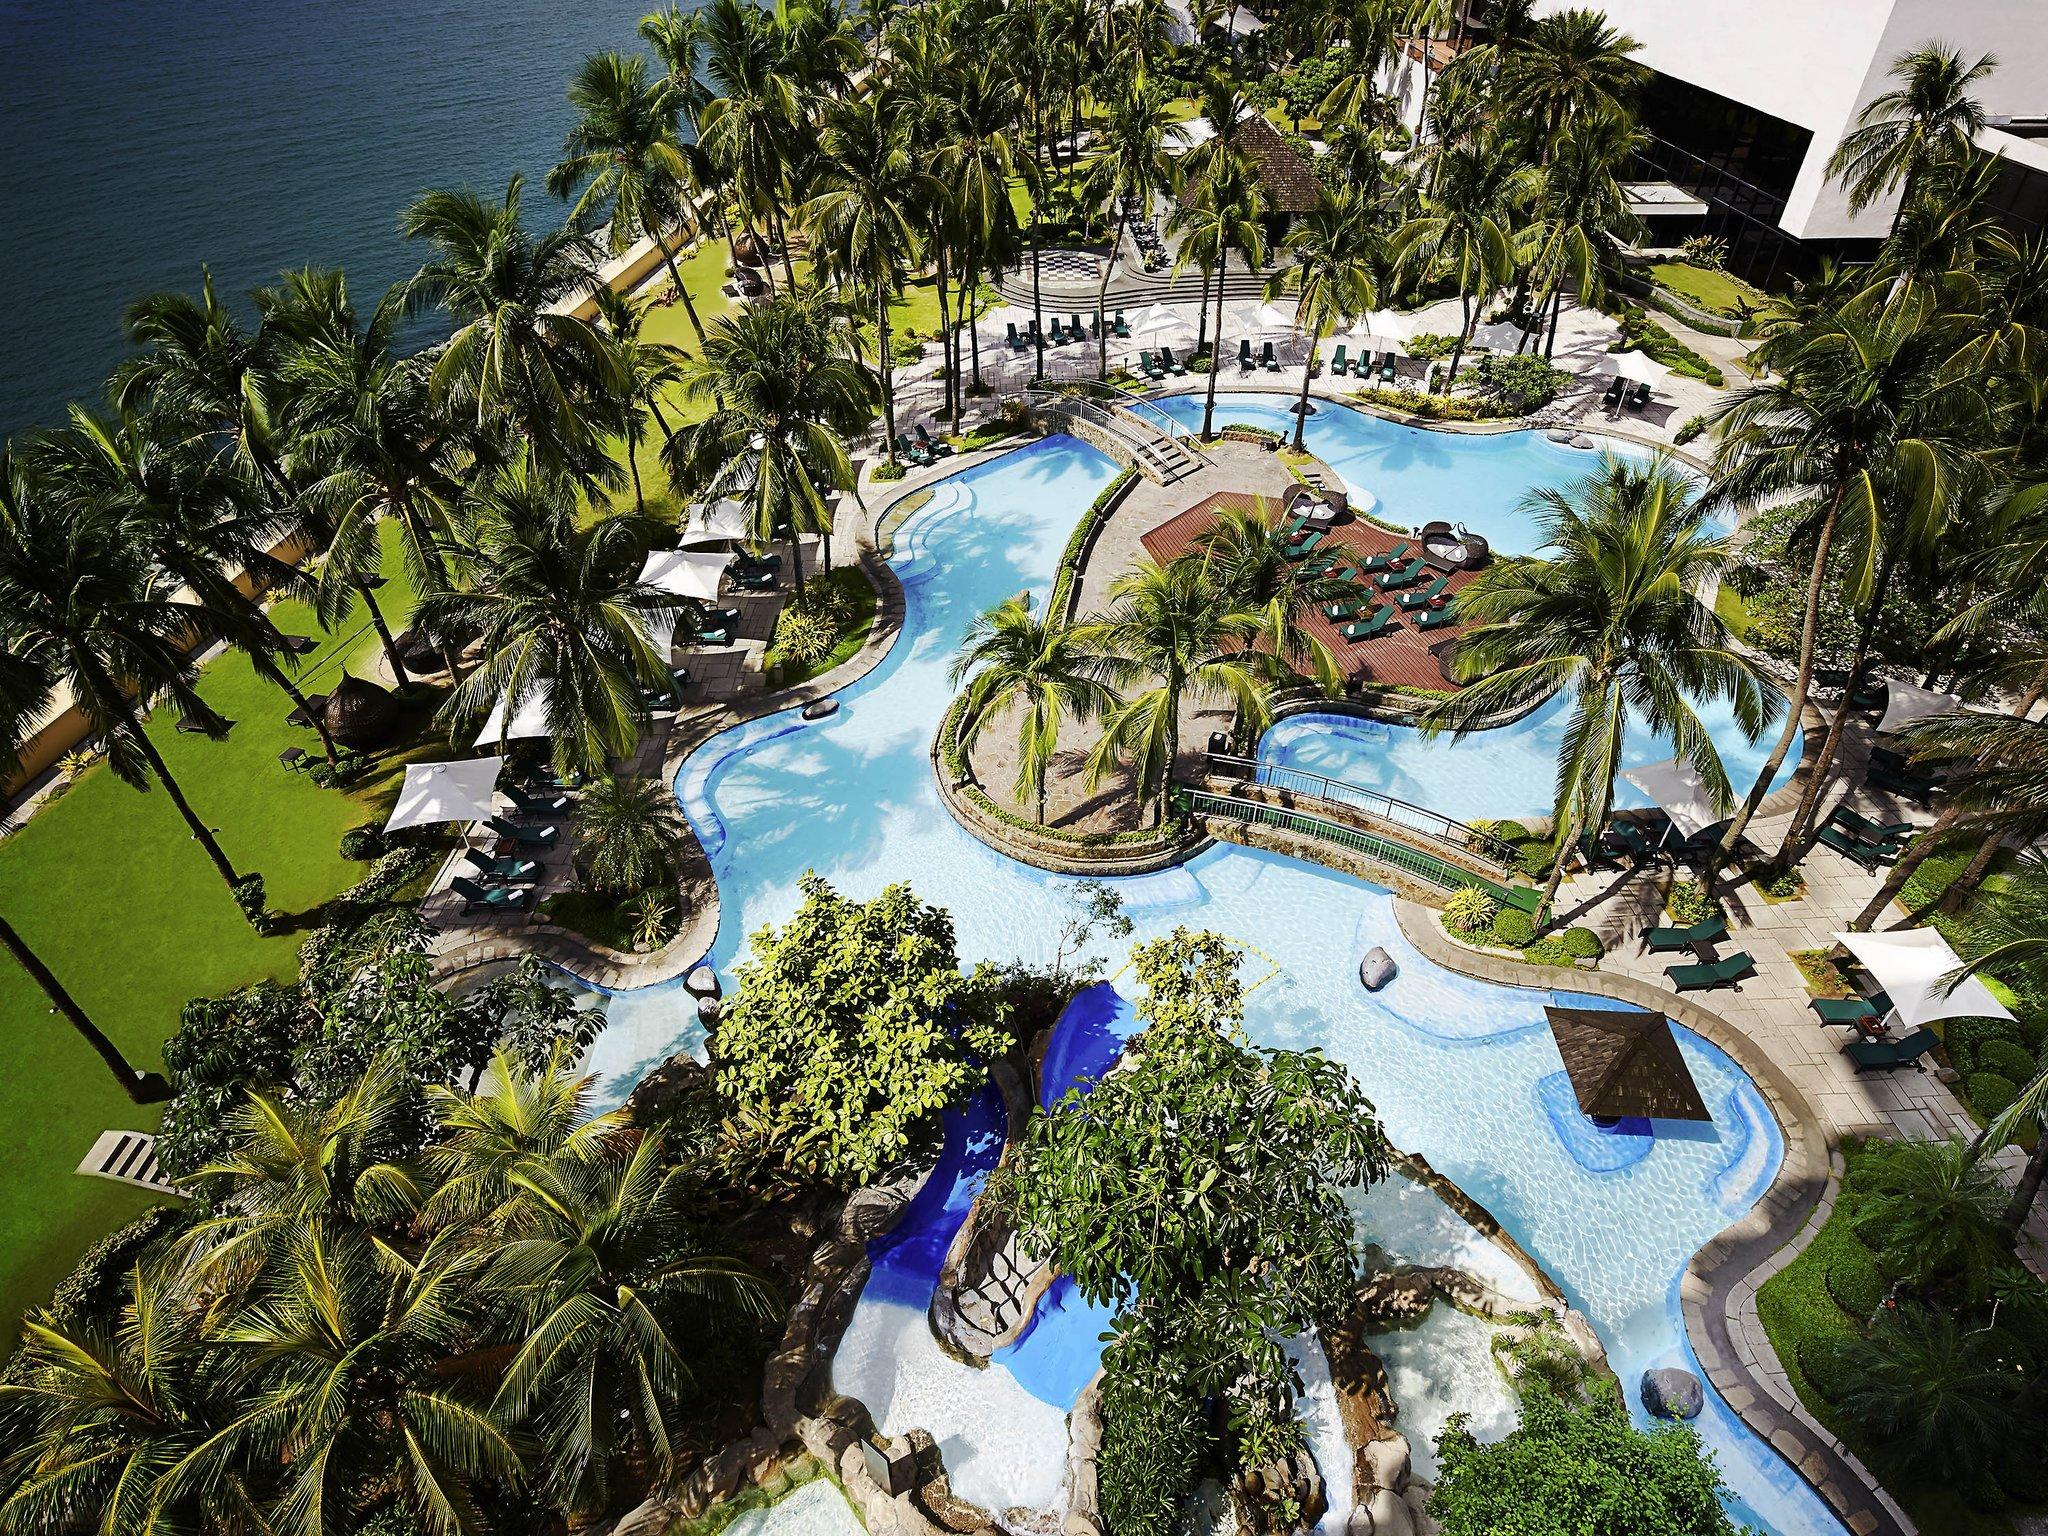 โรงแรมโซฟิเทล ฟิลิปปิน พลาซ่า มะนิลา